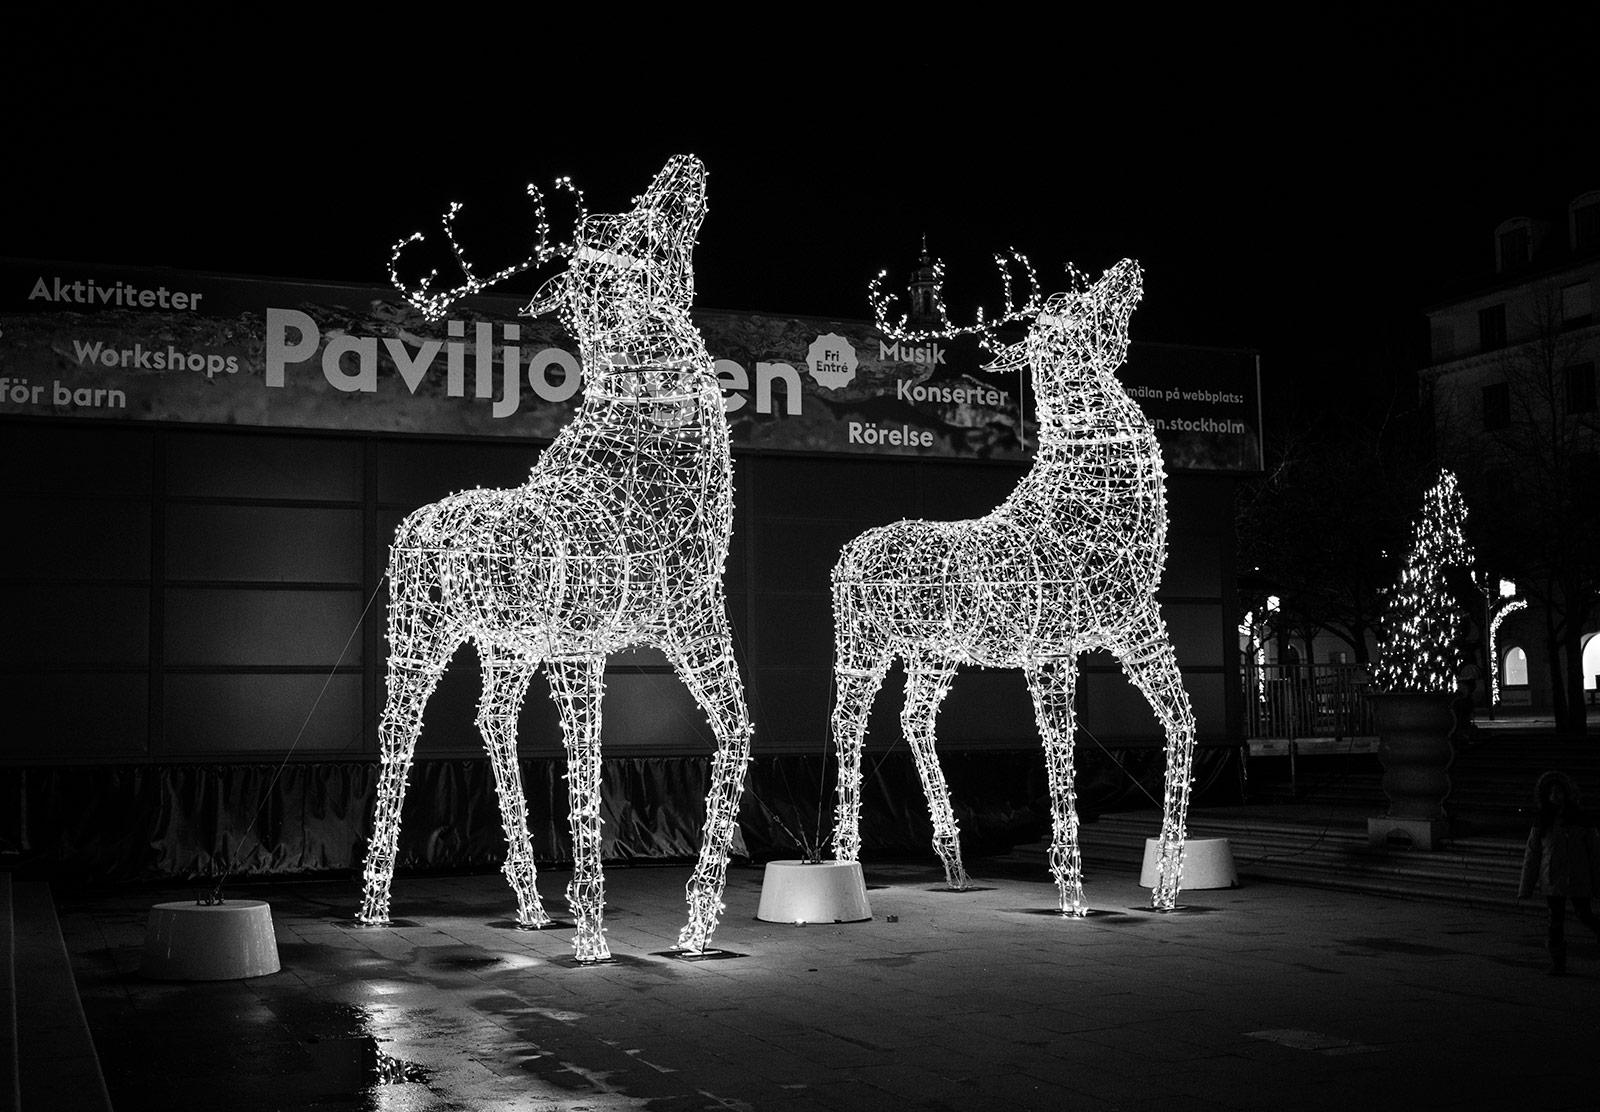 Giant lit reindeer